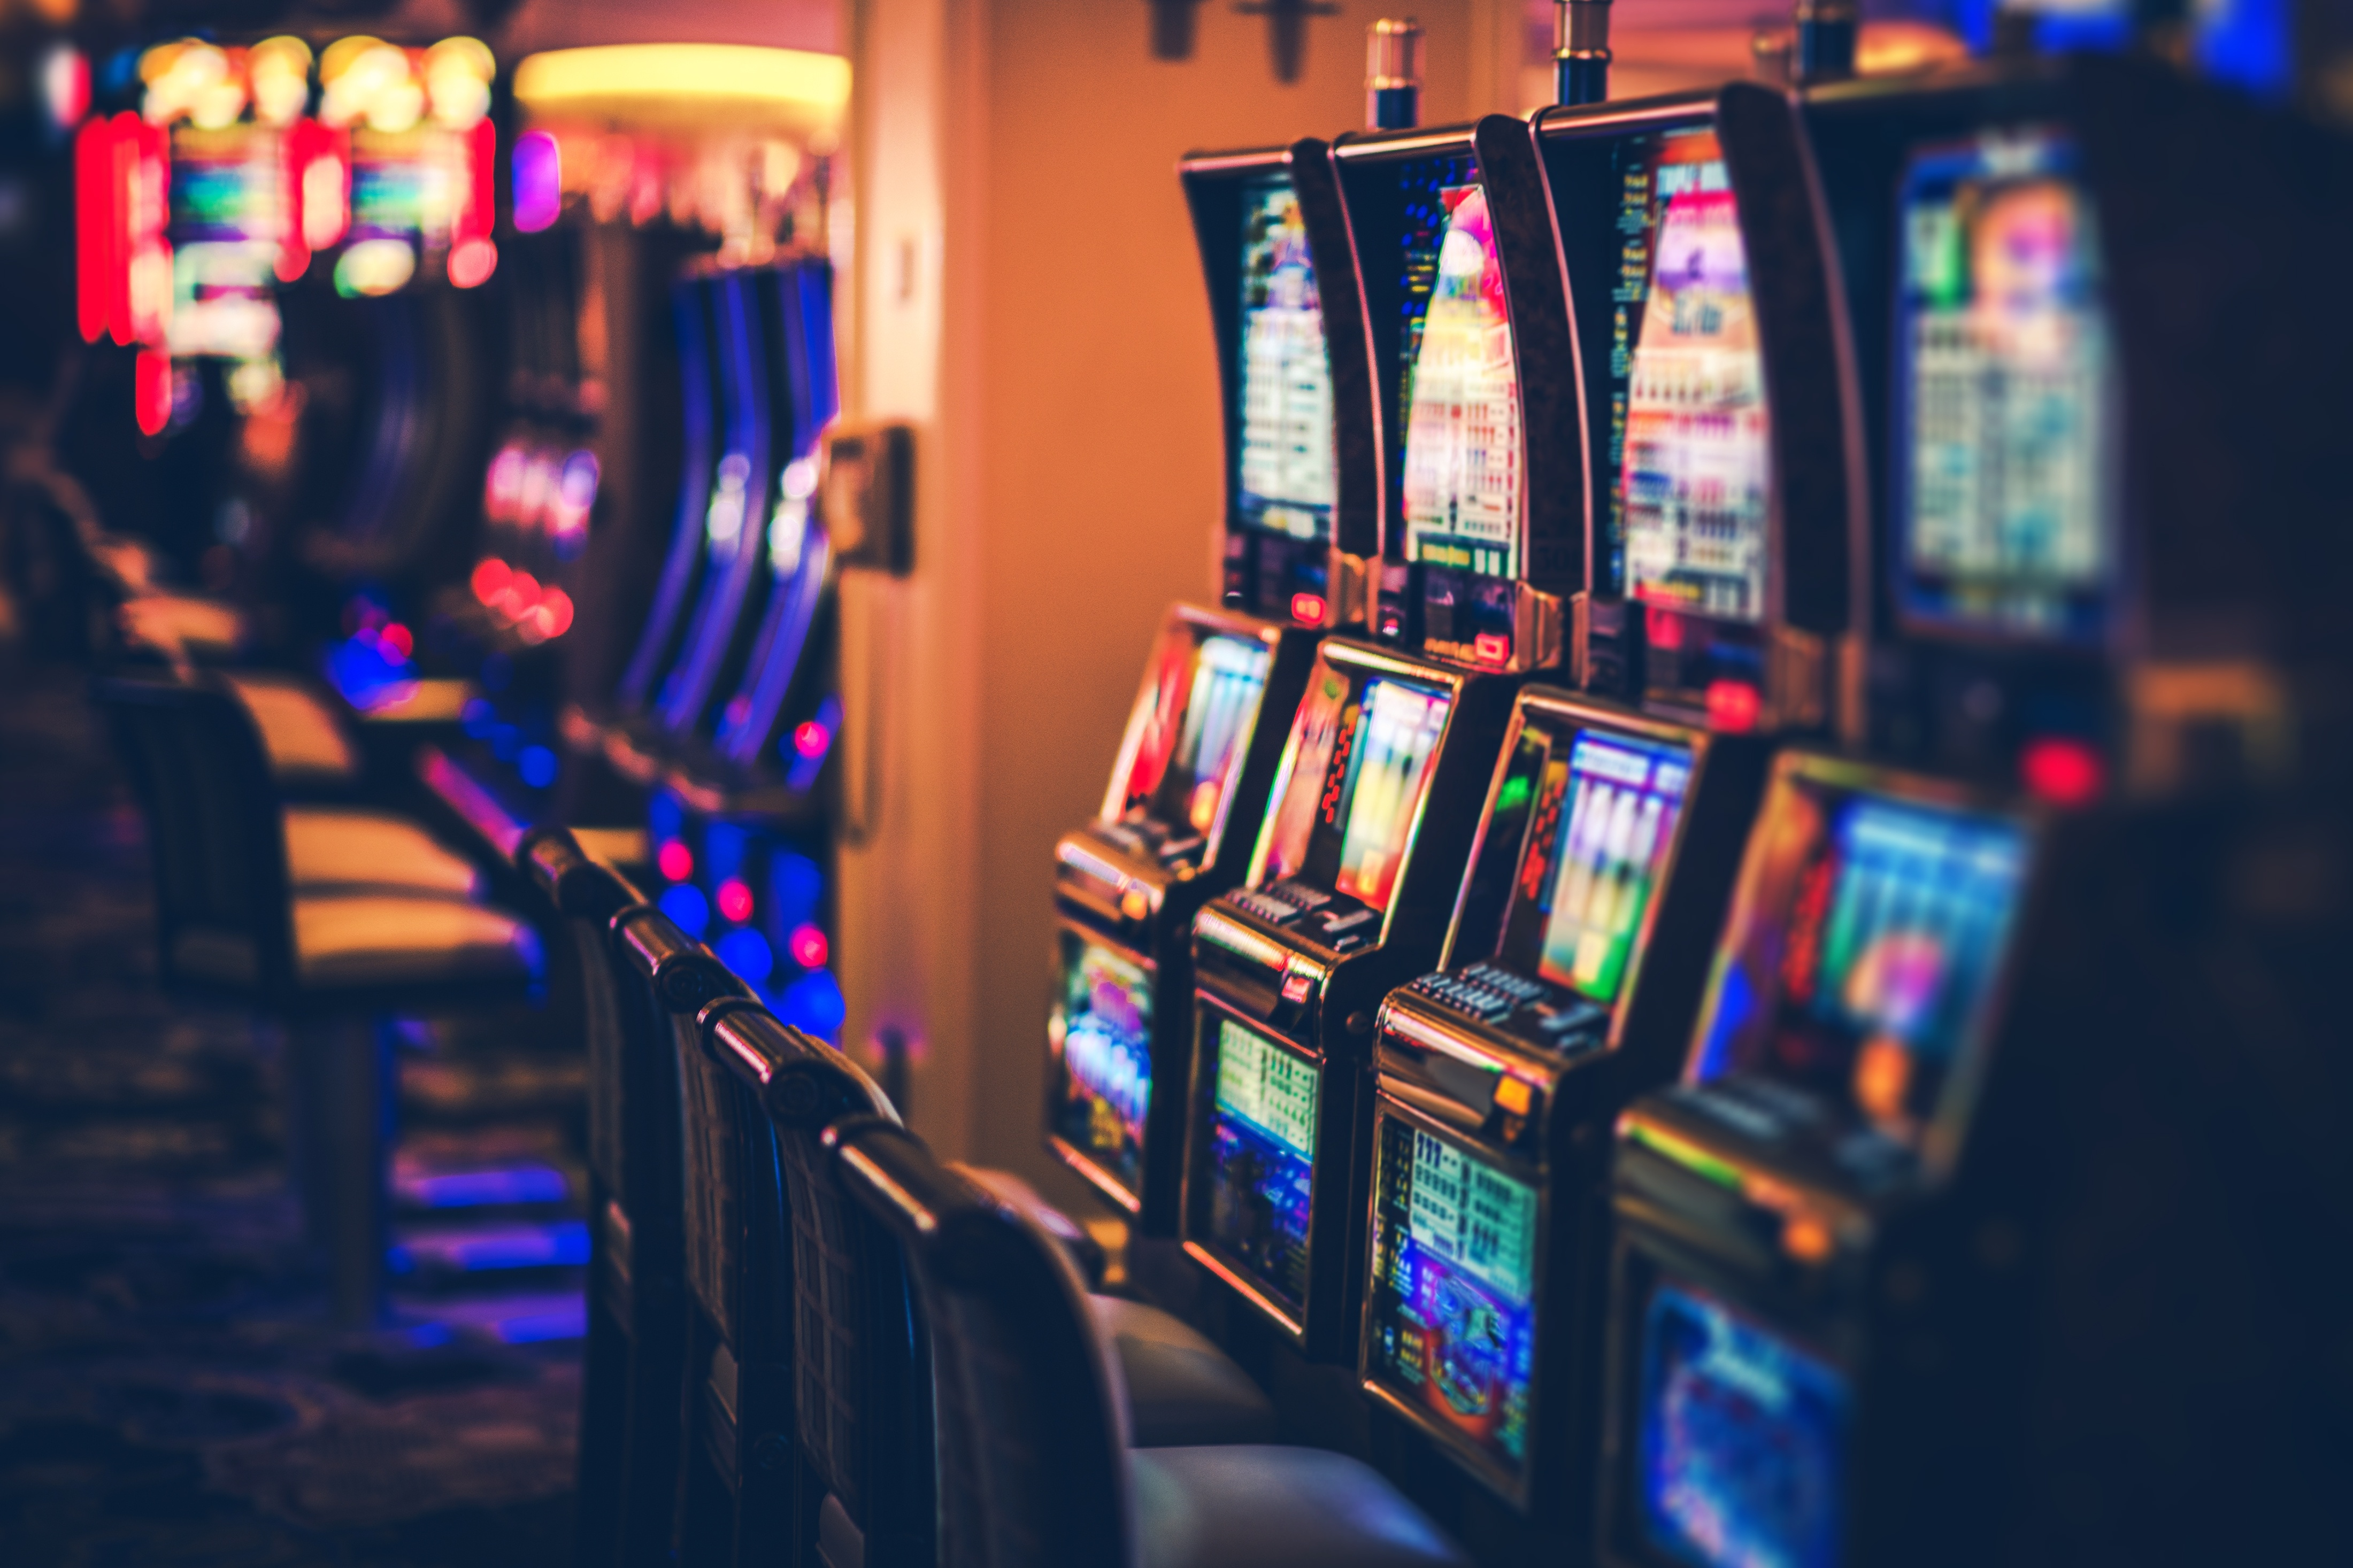 Casino-slot-machines-AdobeStock_182324186.jpeg